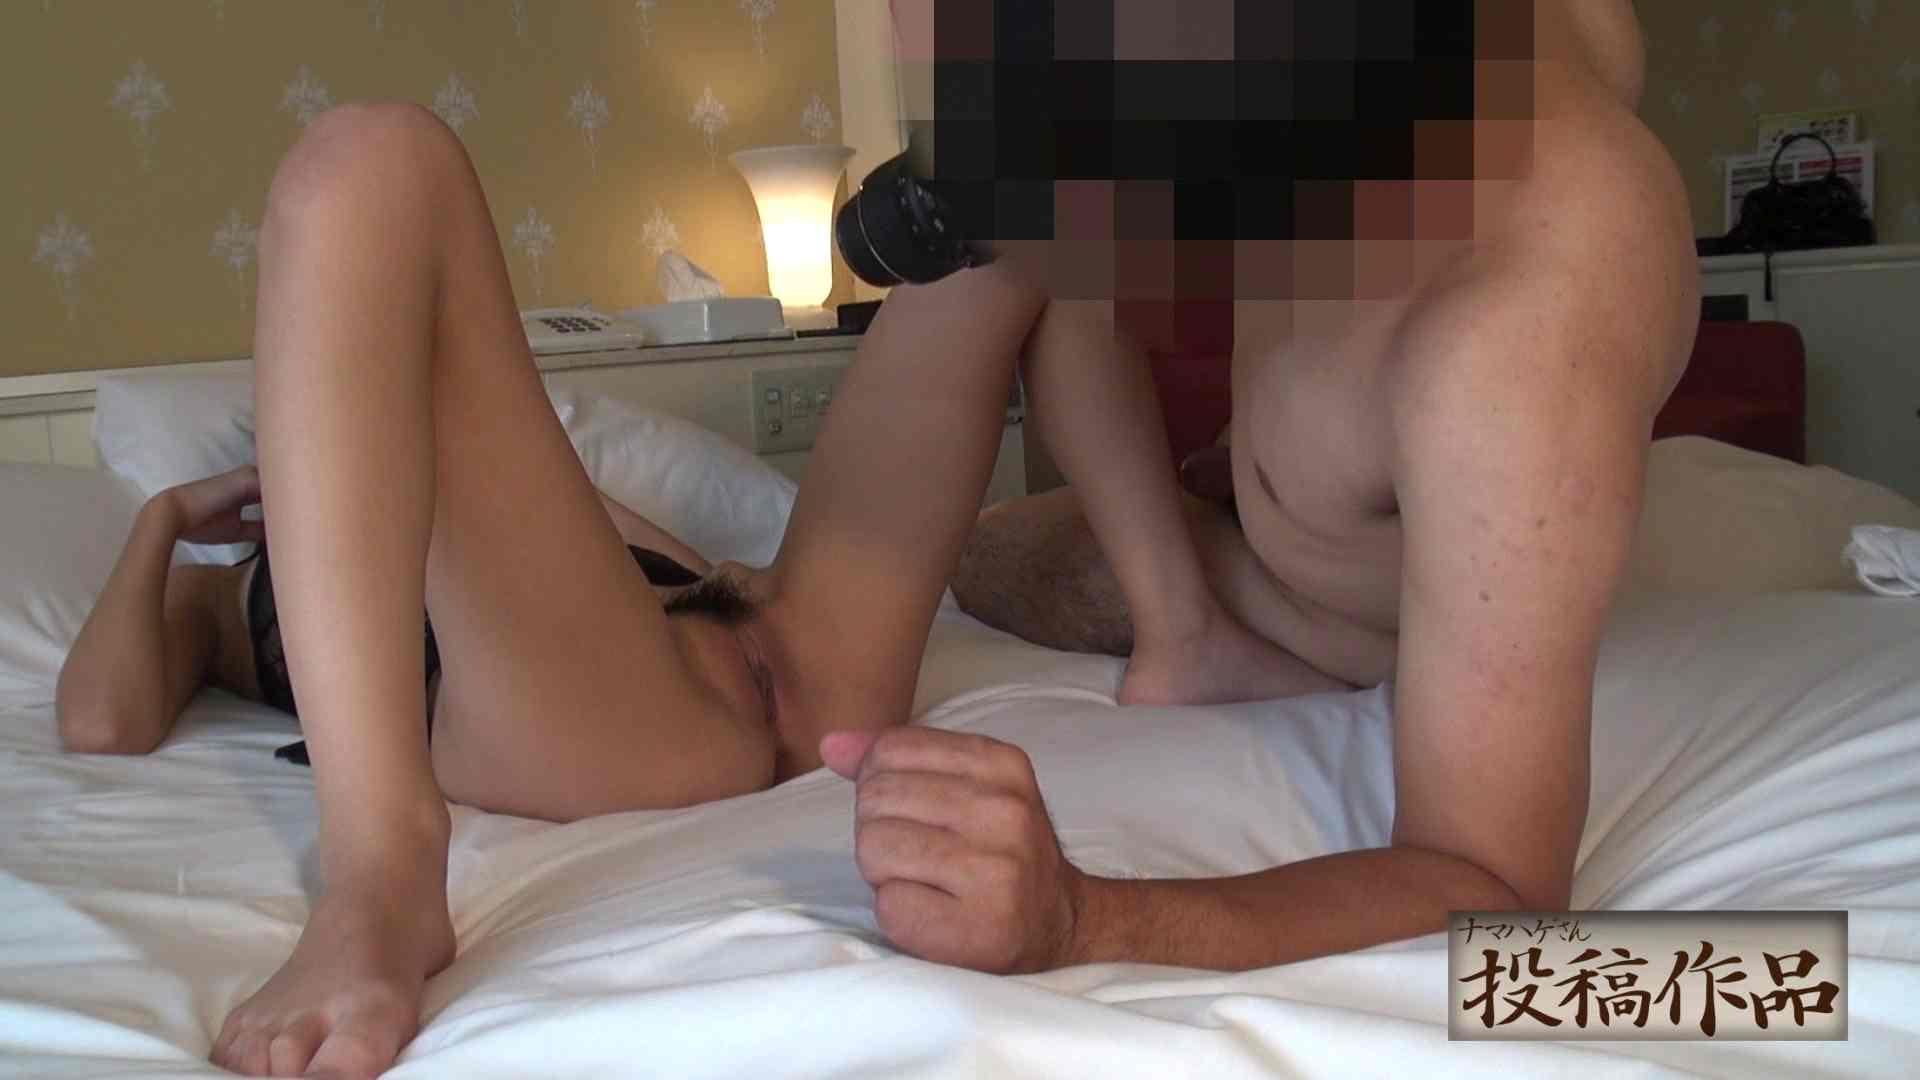 ナマハゲさんのまんこコレクション第二章 ayumi03 投稿 われめAV動画紹介 70pic 42